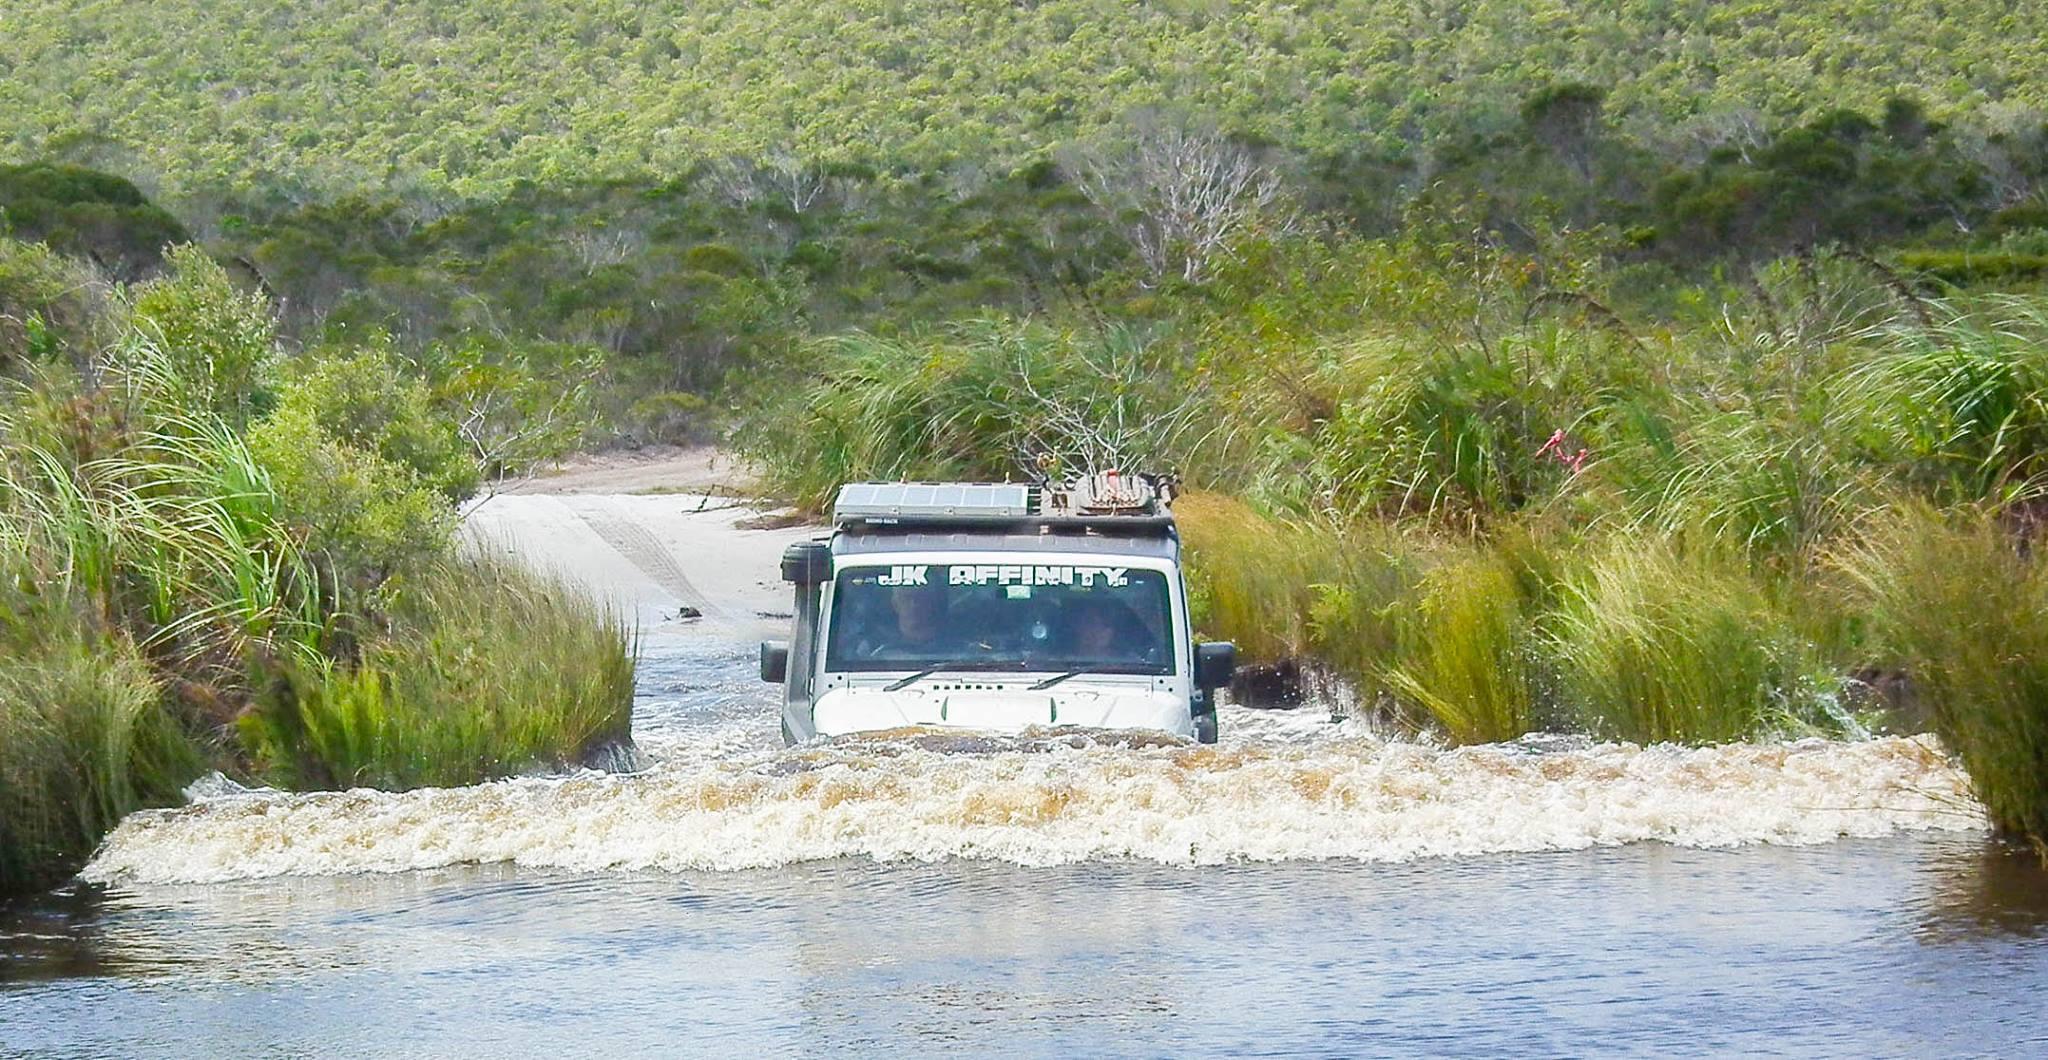 Wasserüberquerung